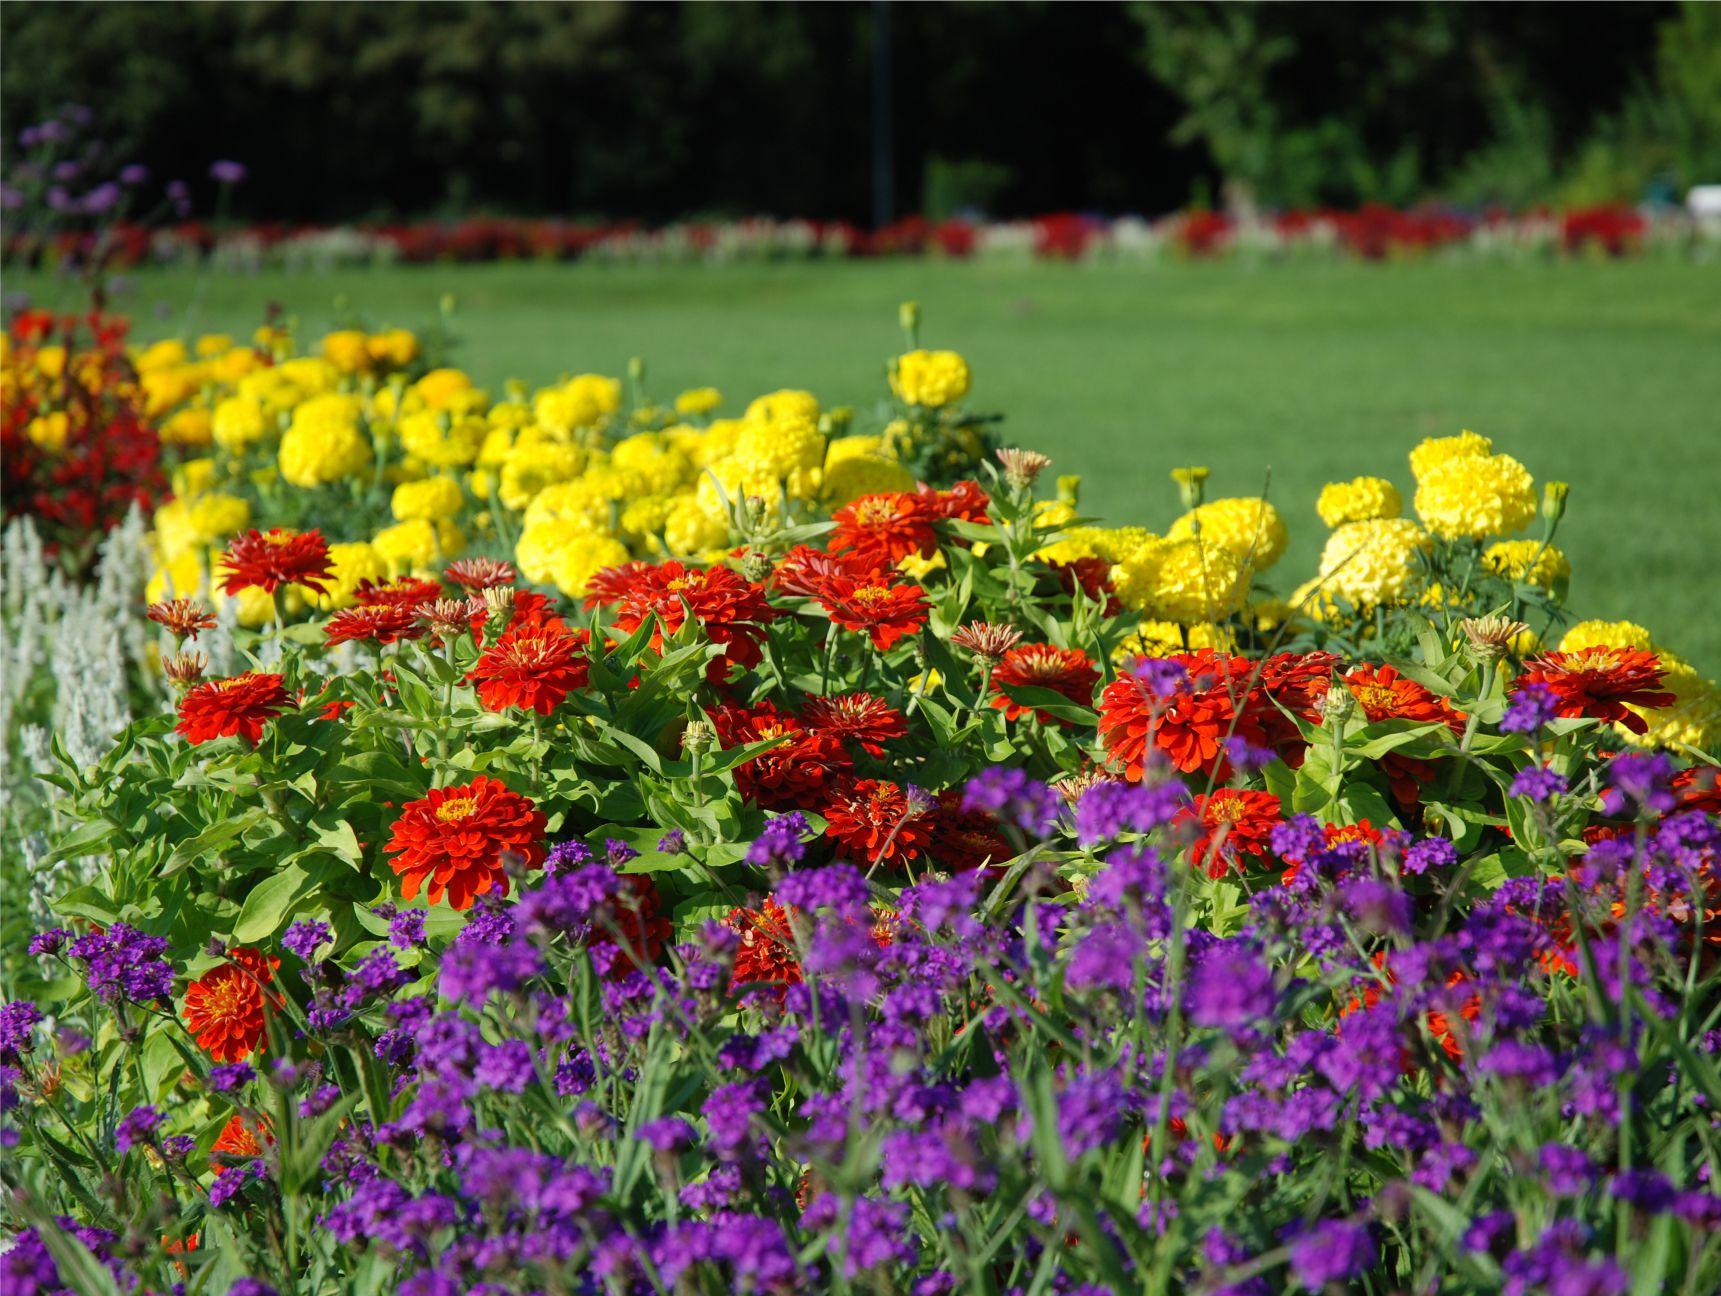 Ha társasházban laksz, akkor menj el reggelente a közeli parkba! Ez a kép a Margitszigeten készült.